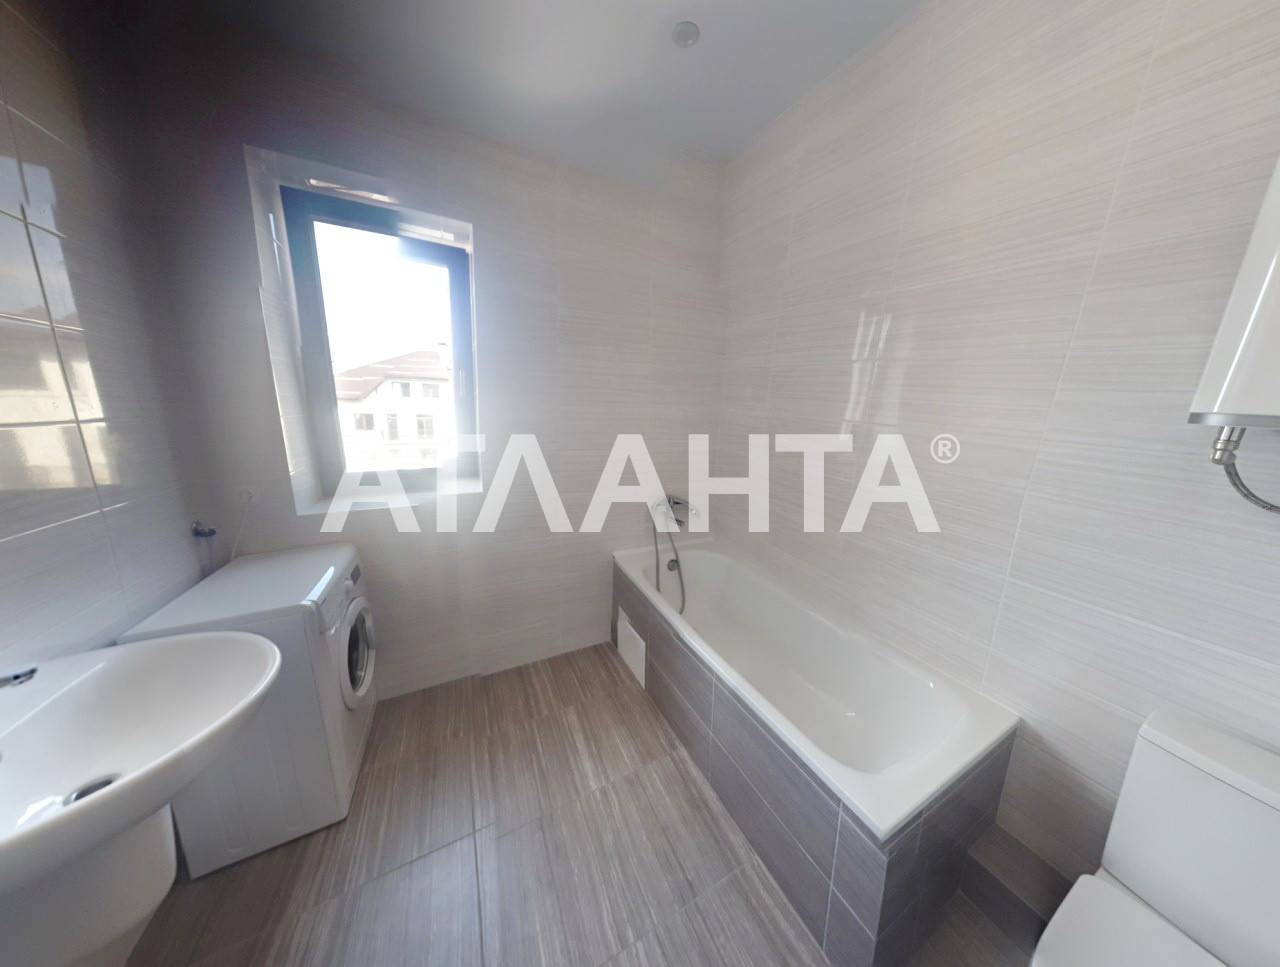 Продается 1-комнатная Квартира на ул. Ул. Вильямса — 60 000 у.е. (фото №15)